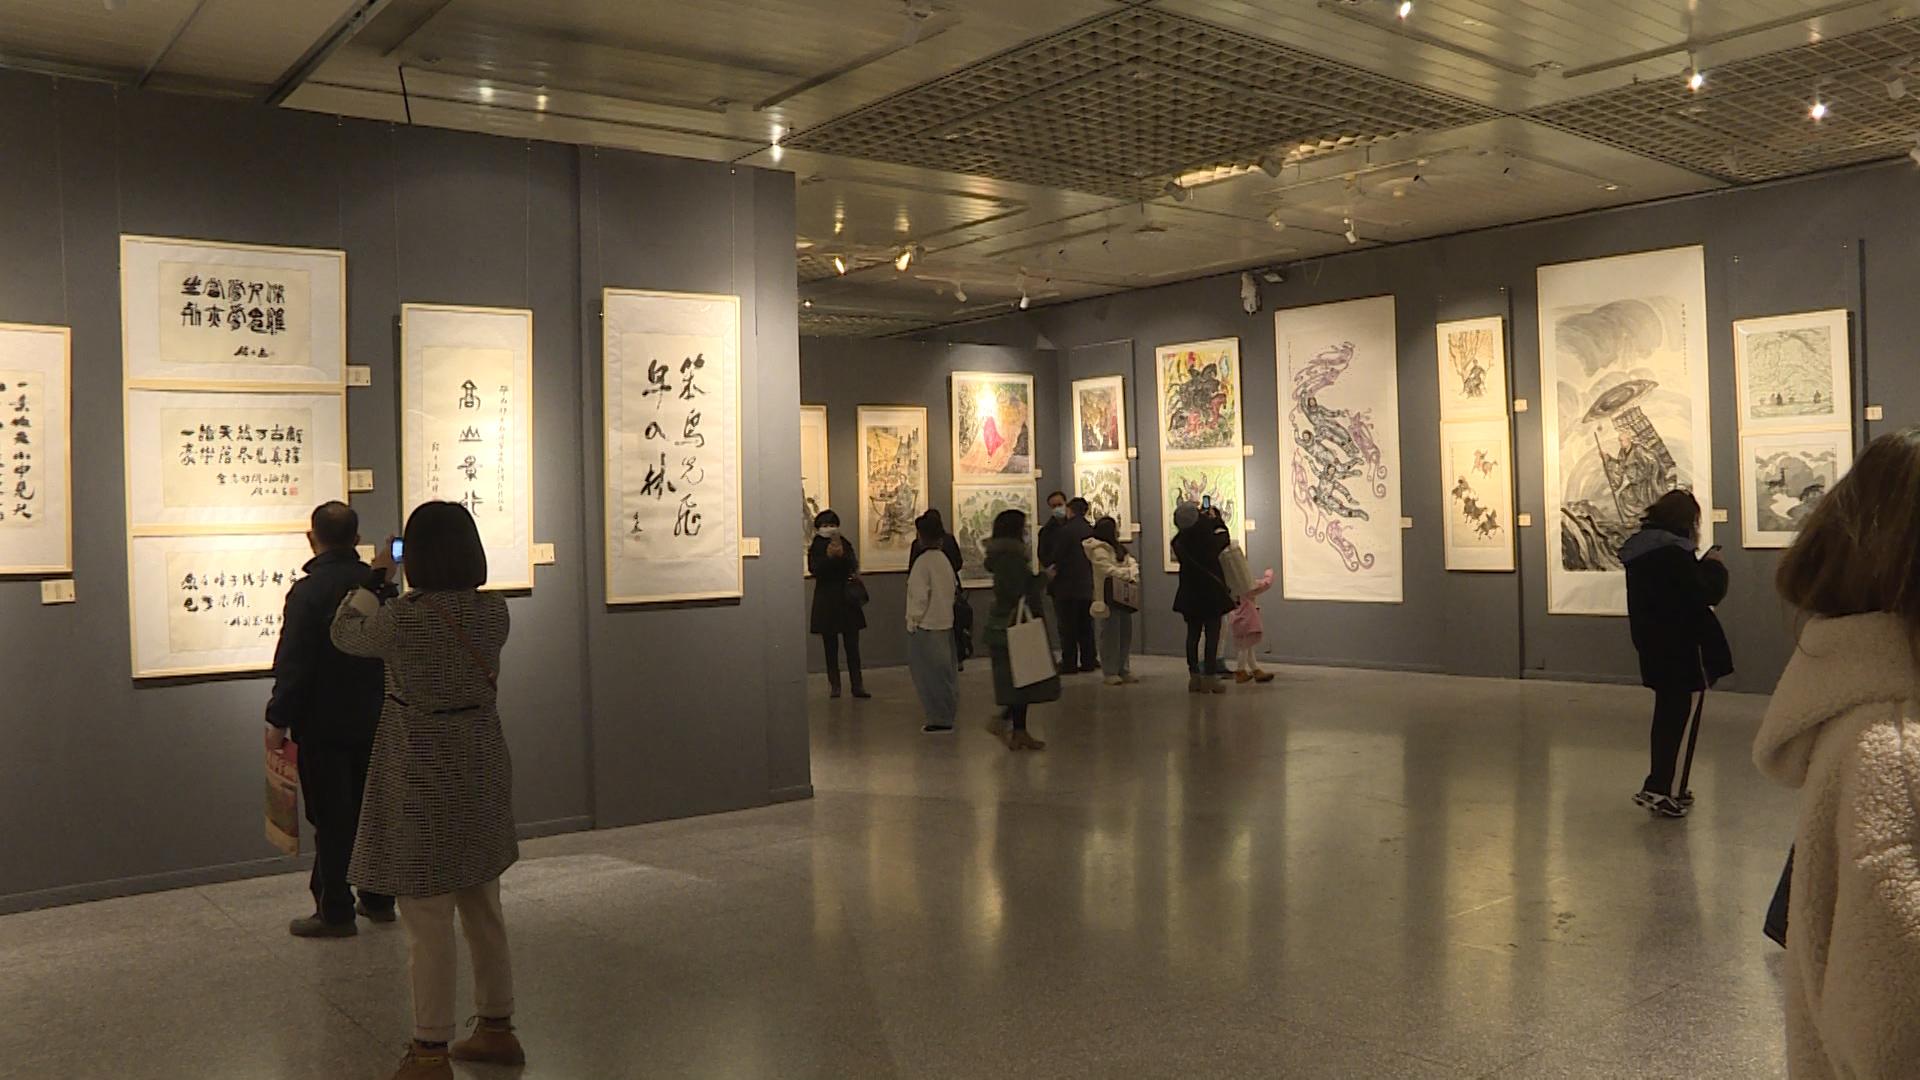 情系敦煌—段文杰、段兼善作品展在甘肃省博物馆开展